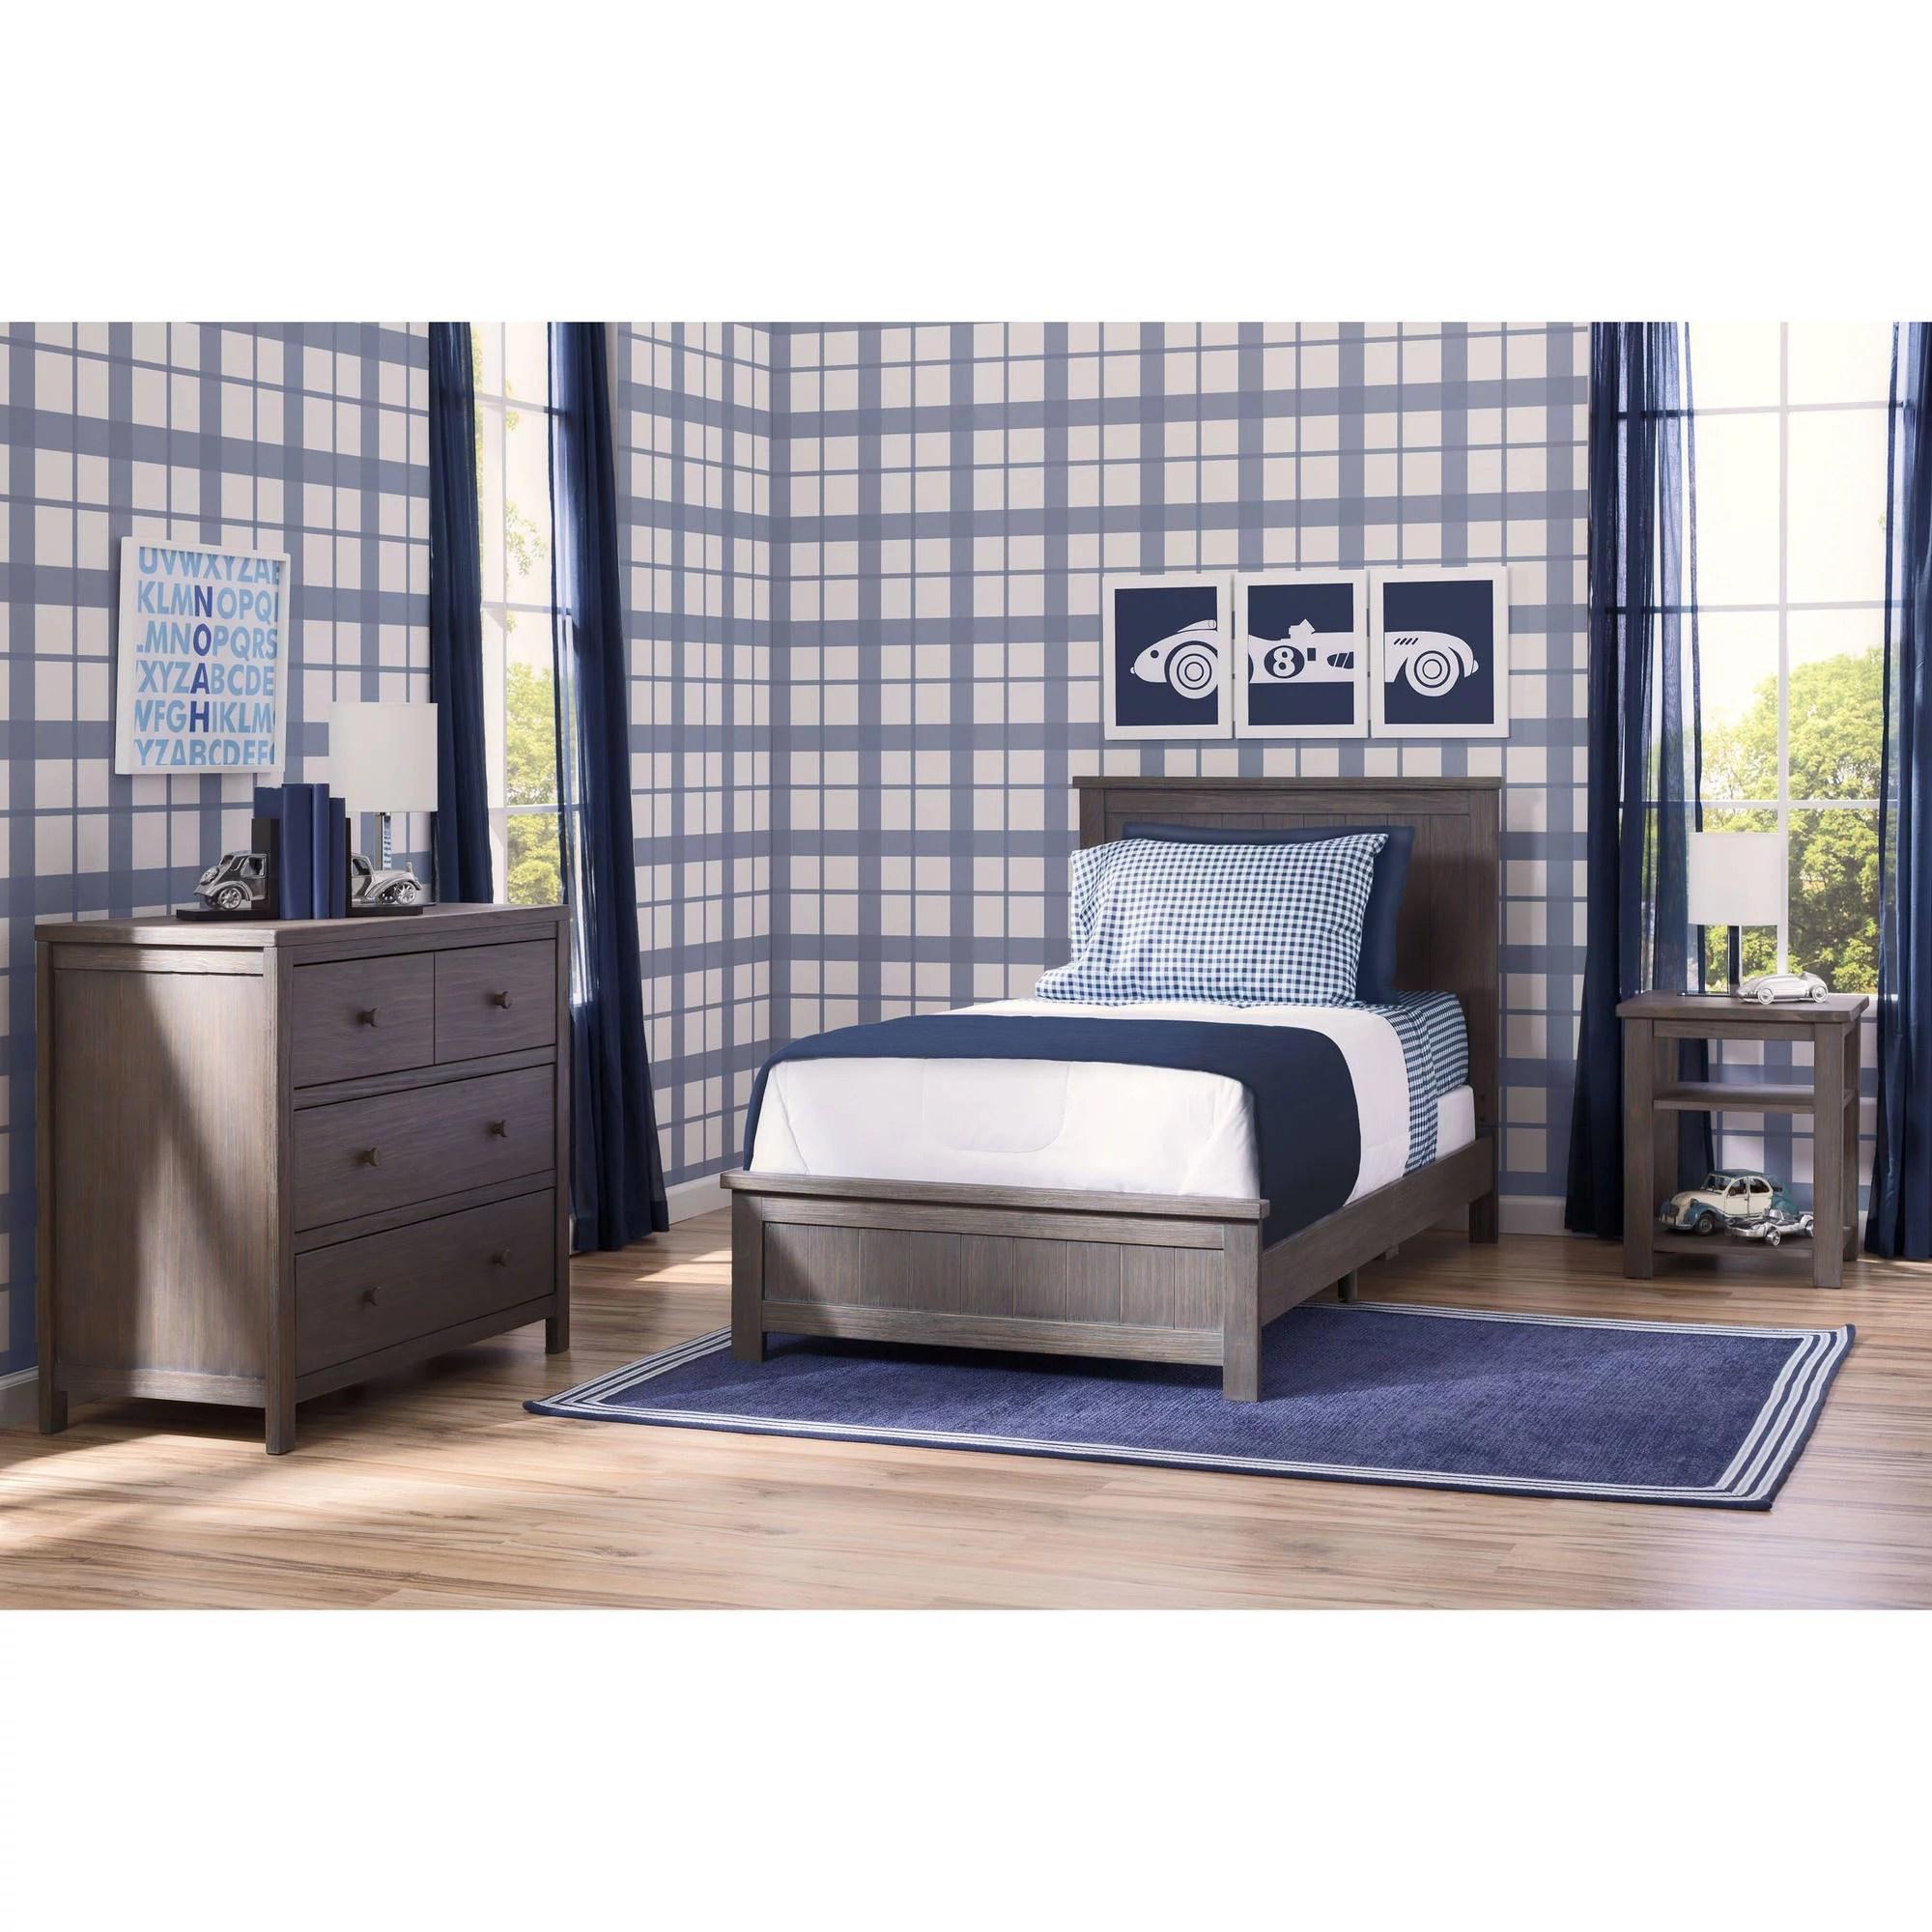 kids' bedroom sets - walmart